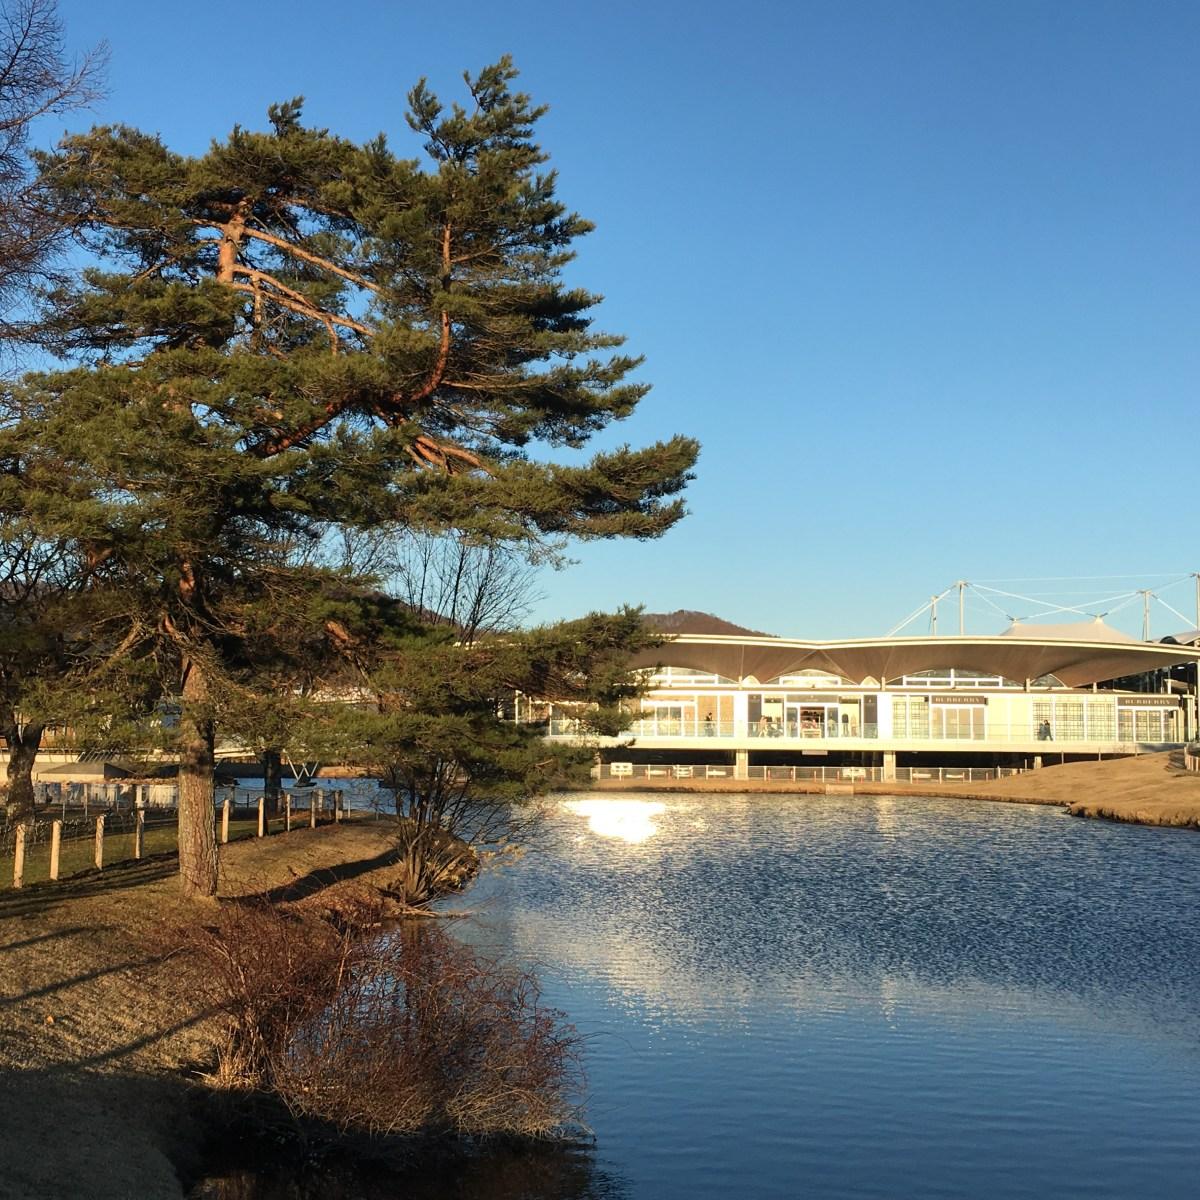 旅遊東京: 閒遊輕井澤 - 十二月不是最佳旅遊季節